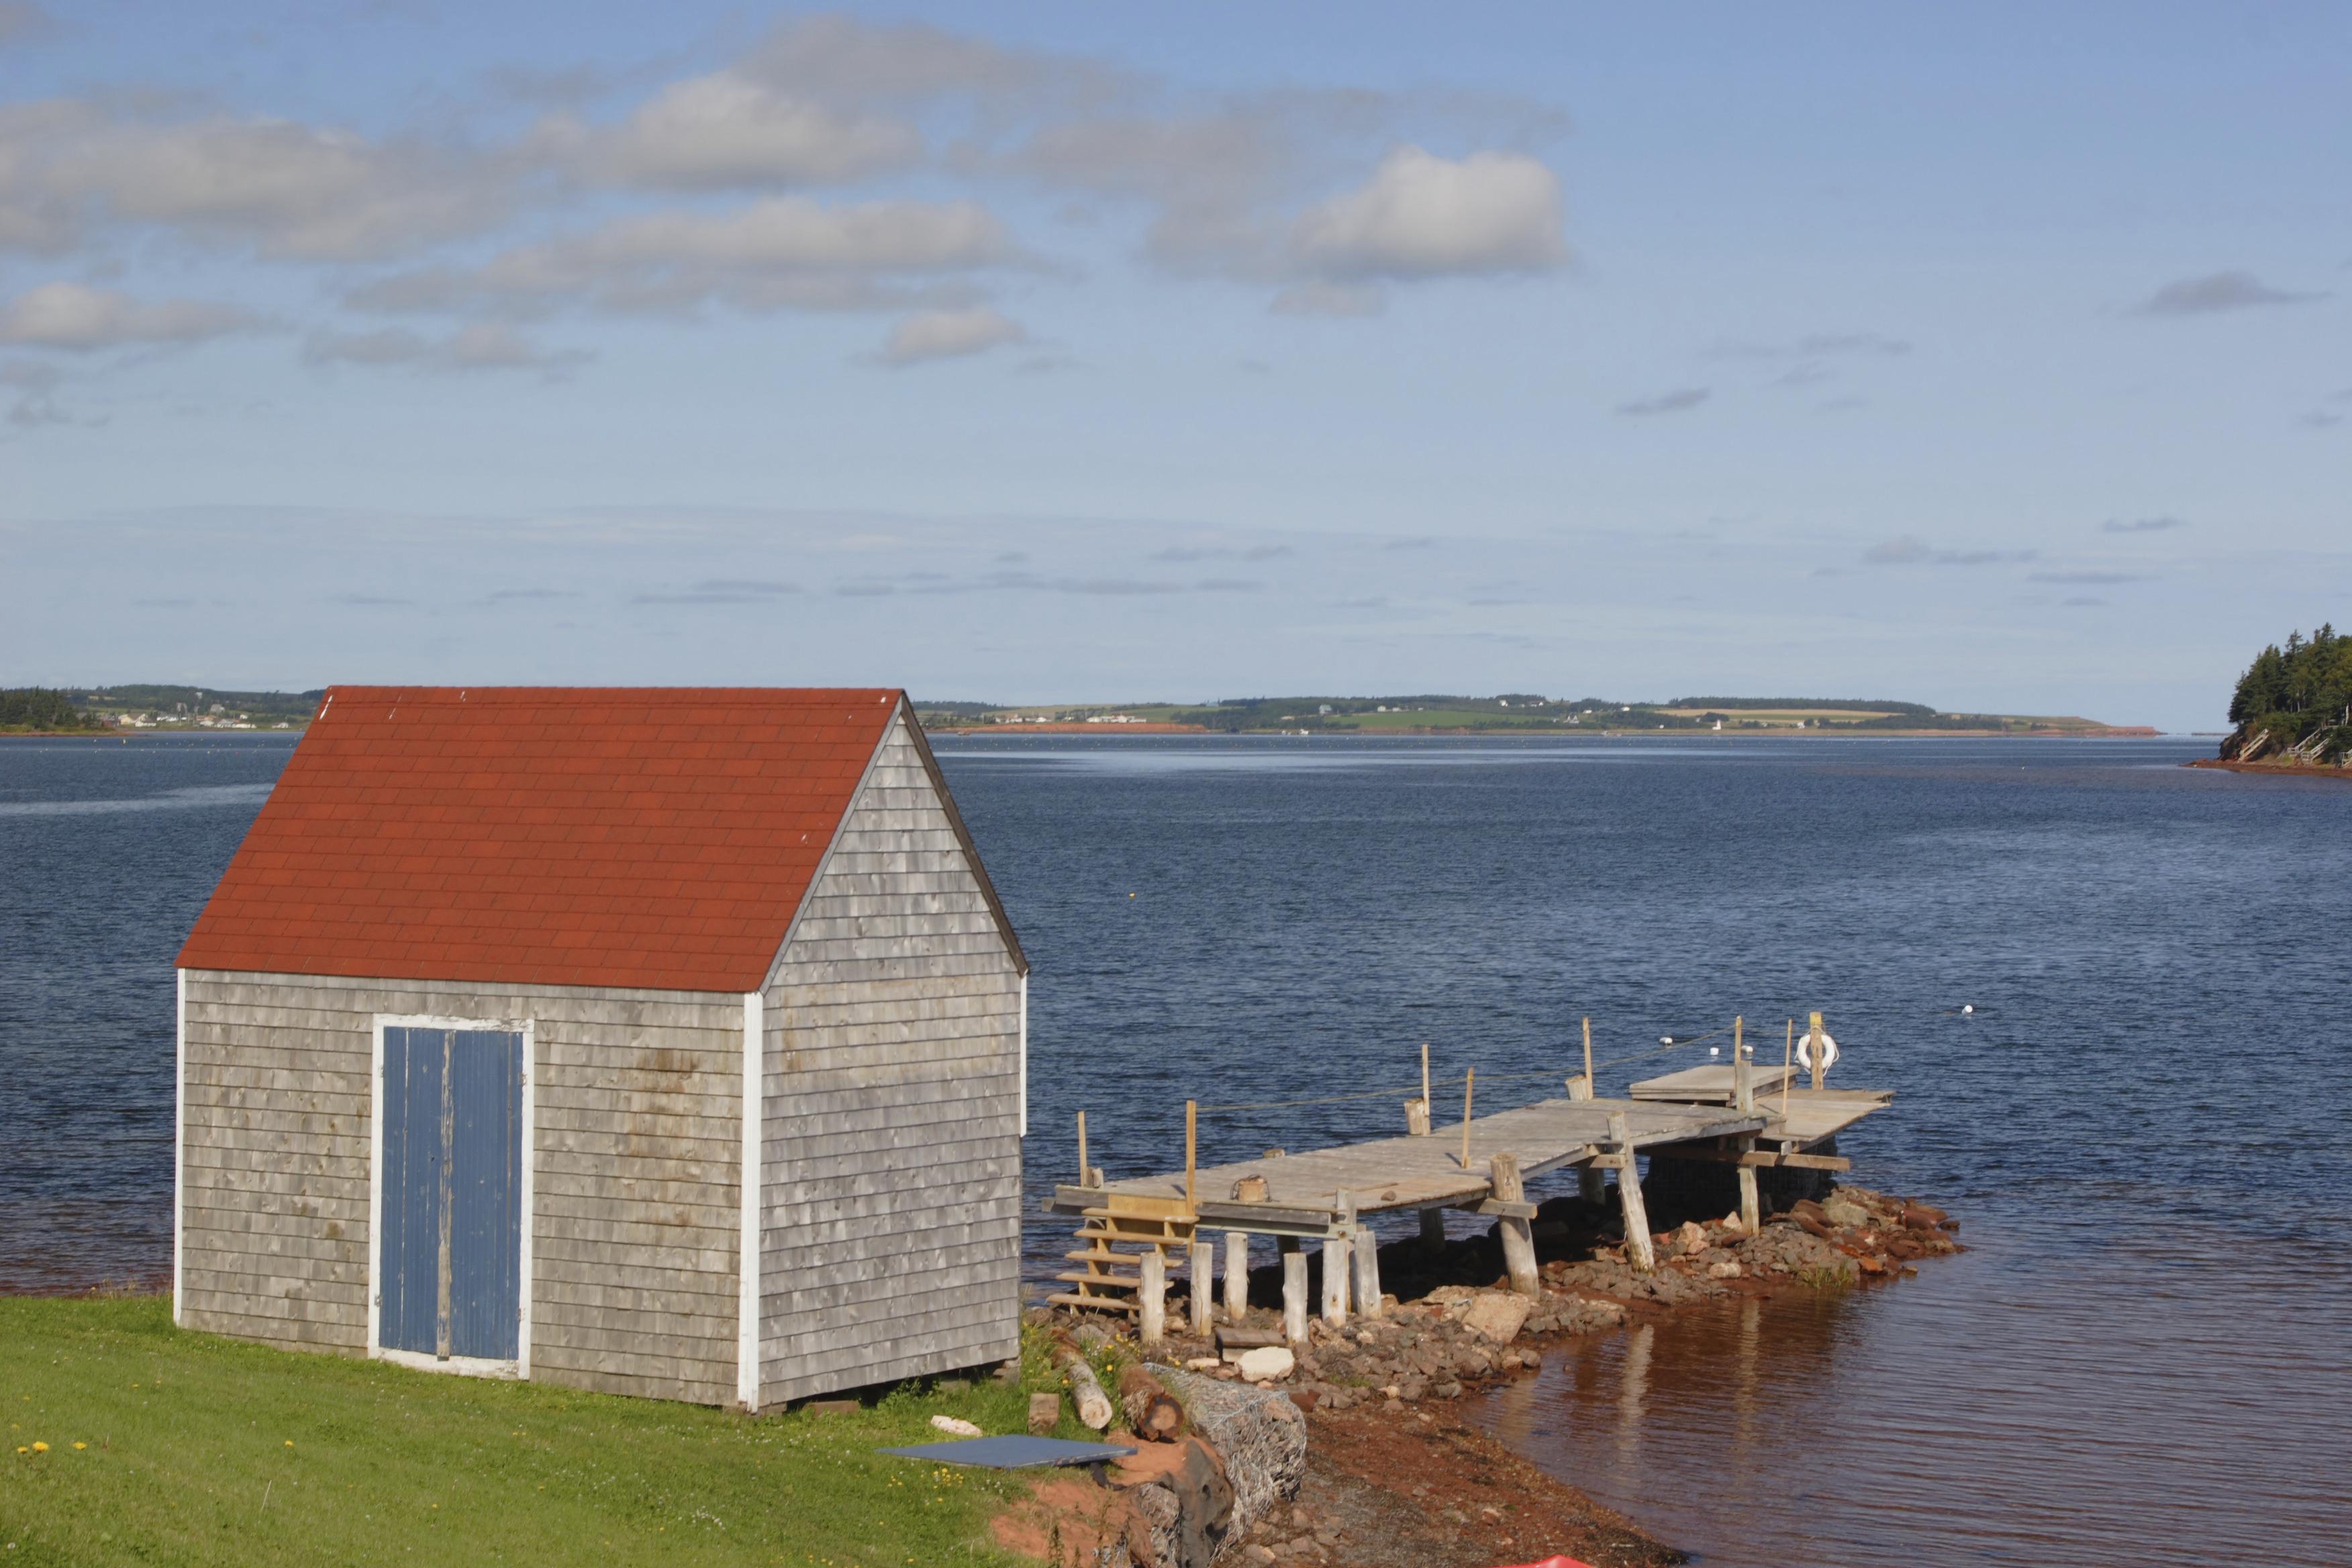 Wharf shed on Prince Edward Island